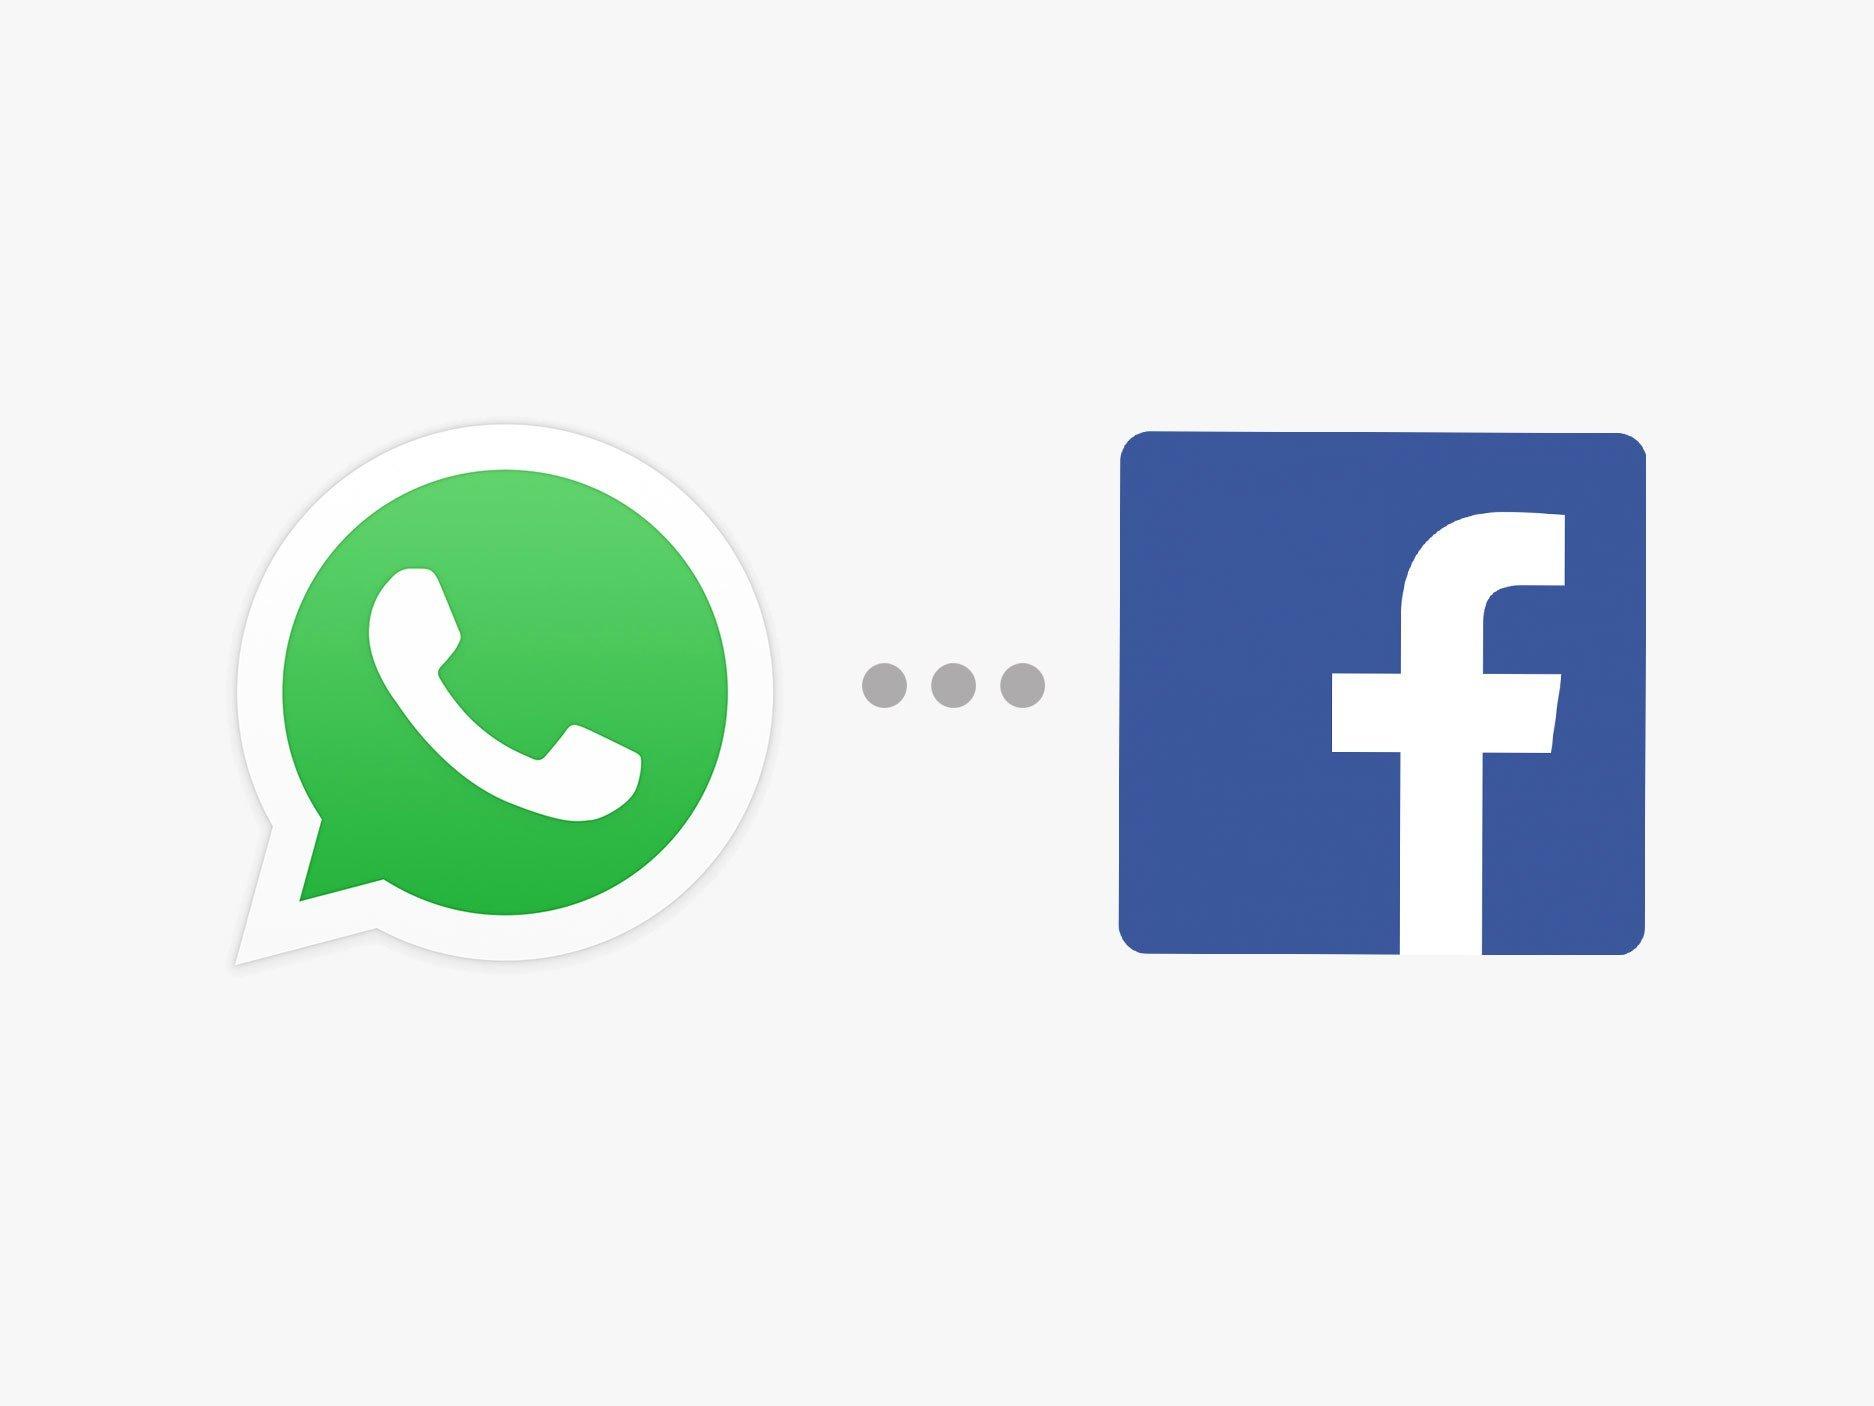 تكنولوجيا: فيسبوك يتعقب ثغرات «واتس أب»